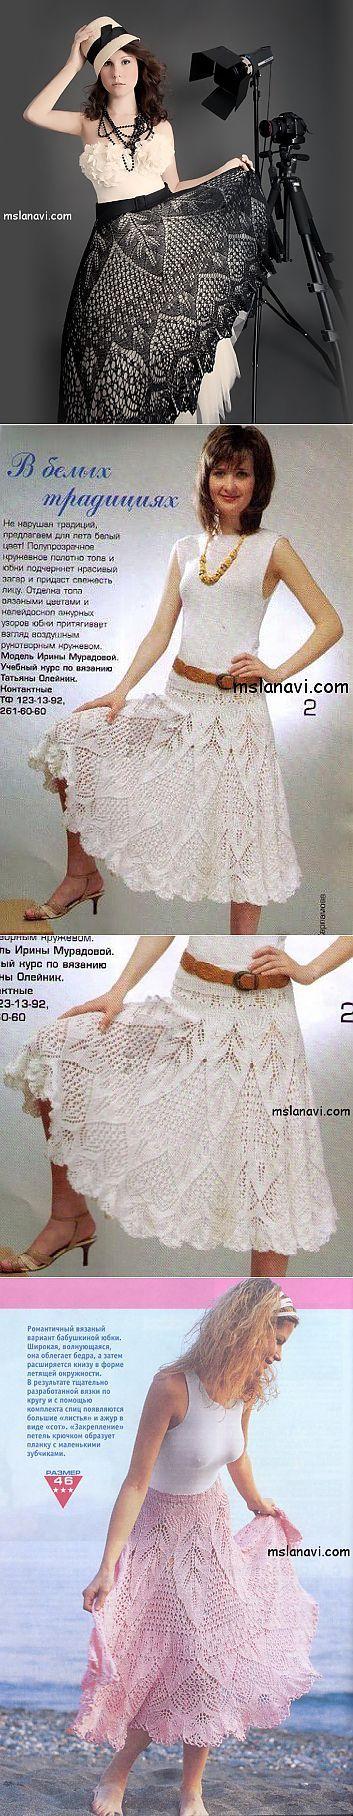 Красивейшая вязаная юбка и такое же нежное платье | Вяжем с Ланой | ВЯЗАНИЕ крючком | Постила